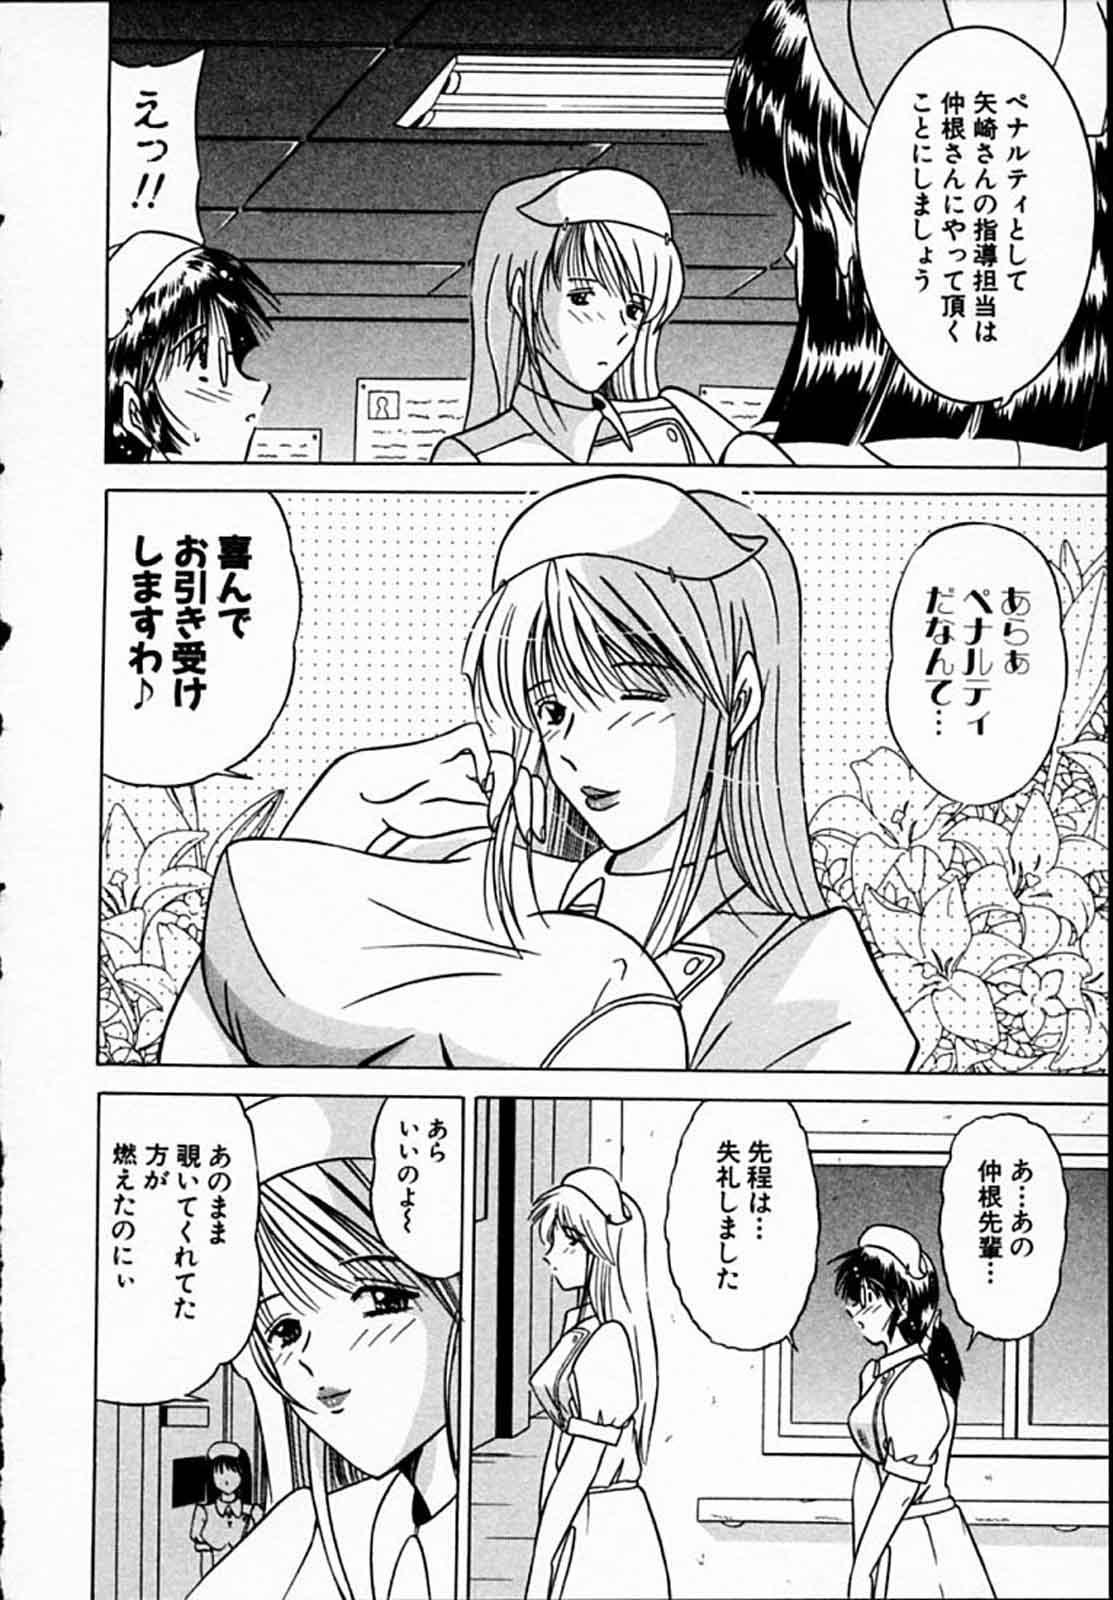 Hiyokko Nurse! 154